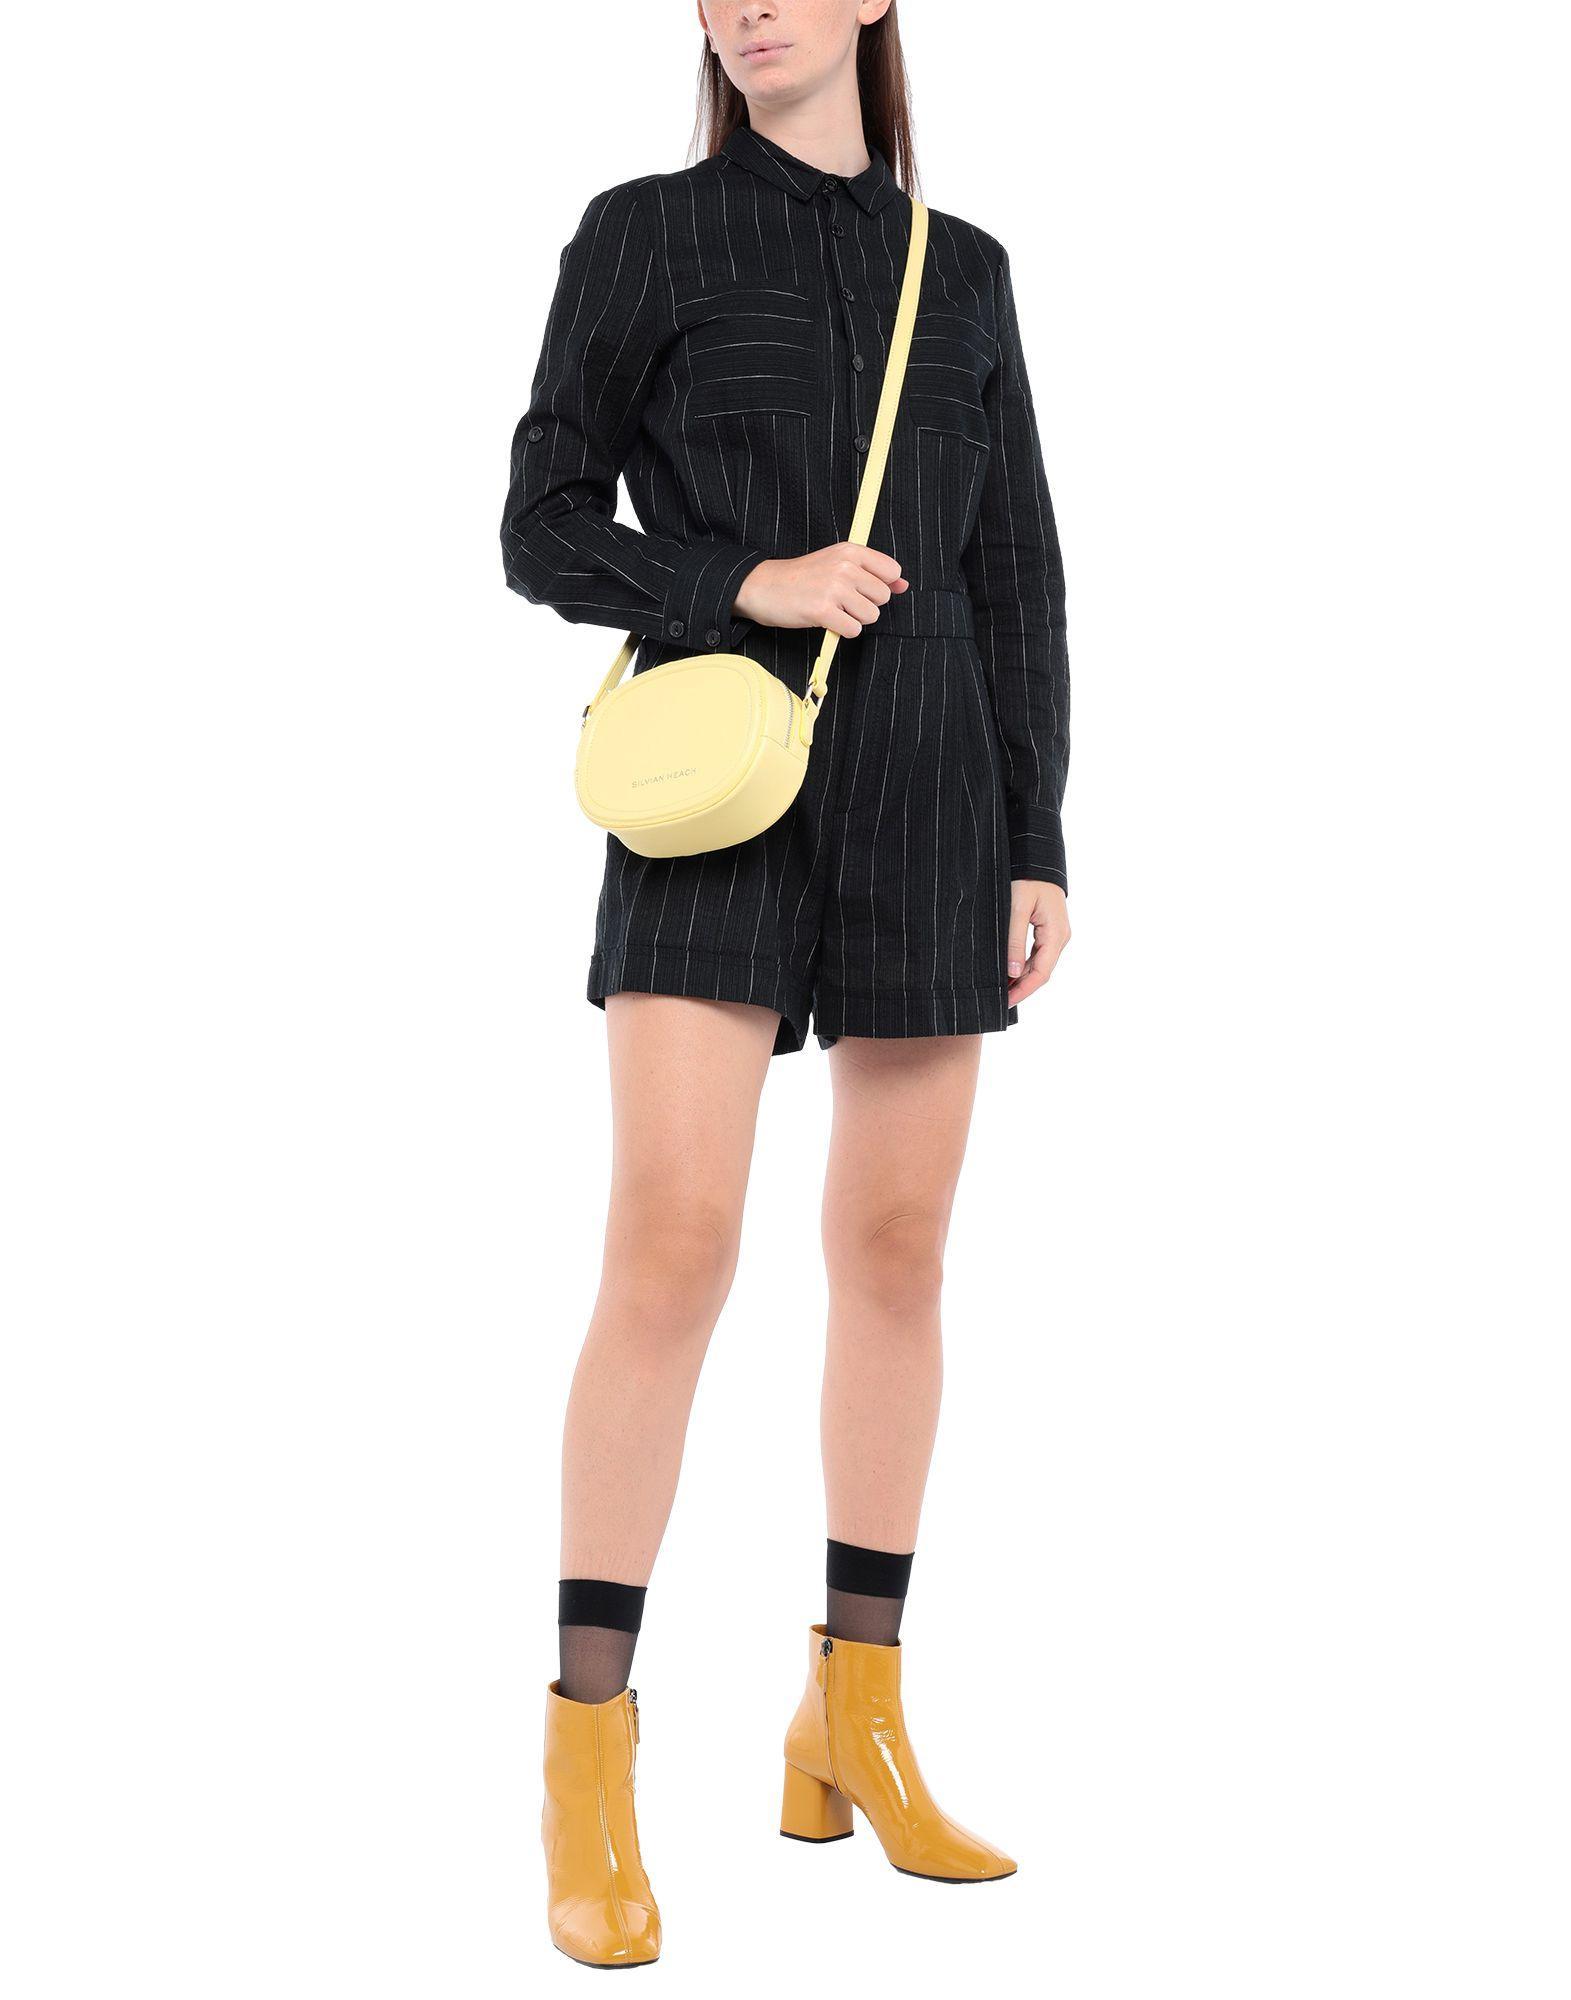 Silvian Heach Handtaschen in Gelb H5Zjp